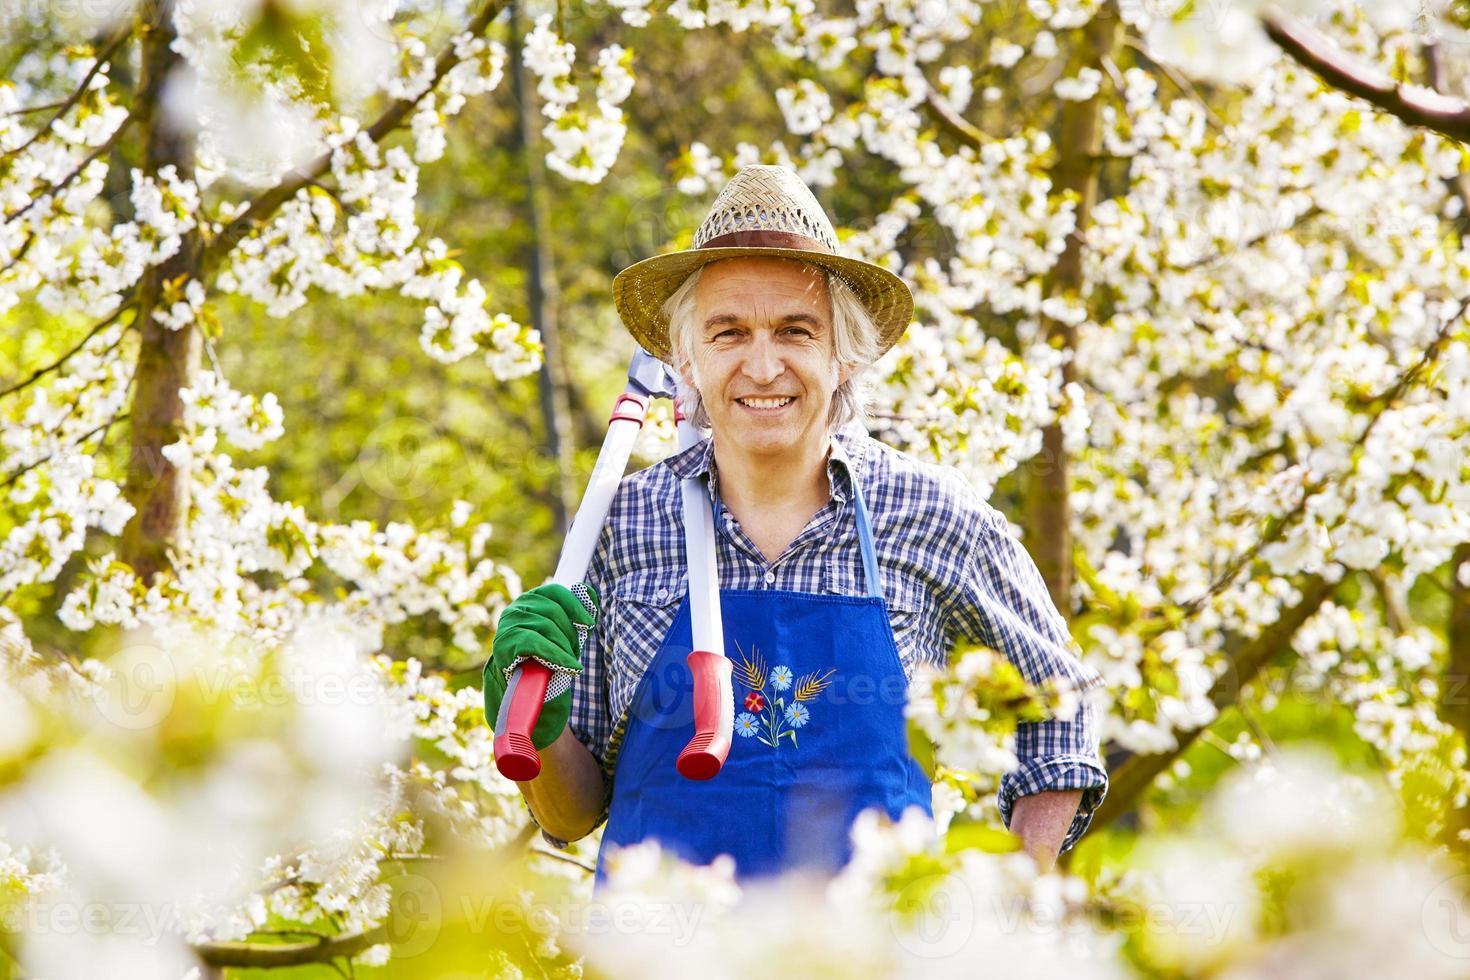 homem cerejeira flor tesoura de poda foto